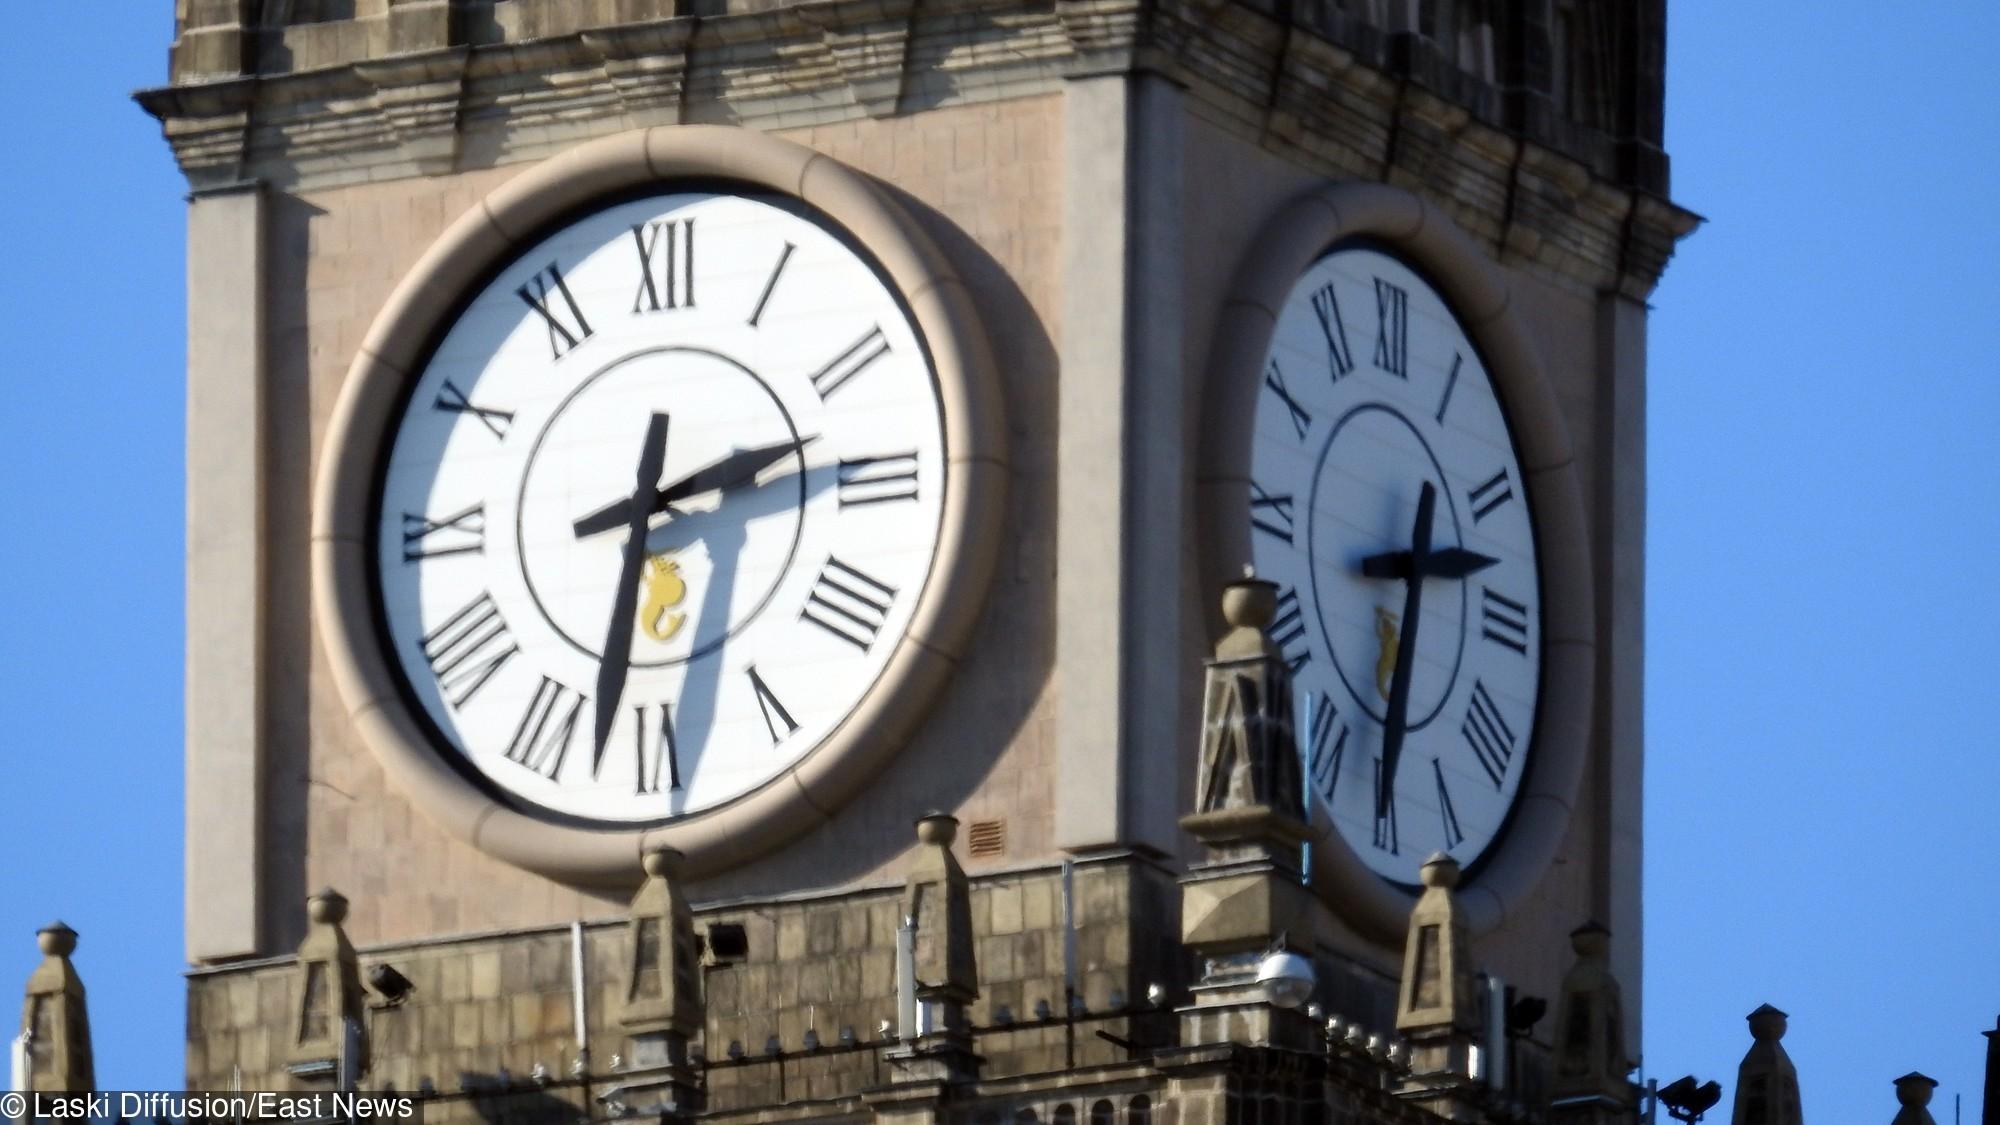 Dziś staną zegary w całej Polsce. To nie jest przypadkowa data ...